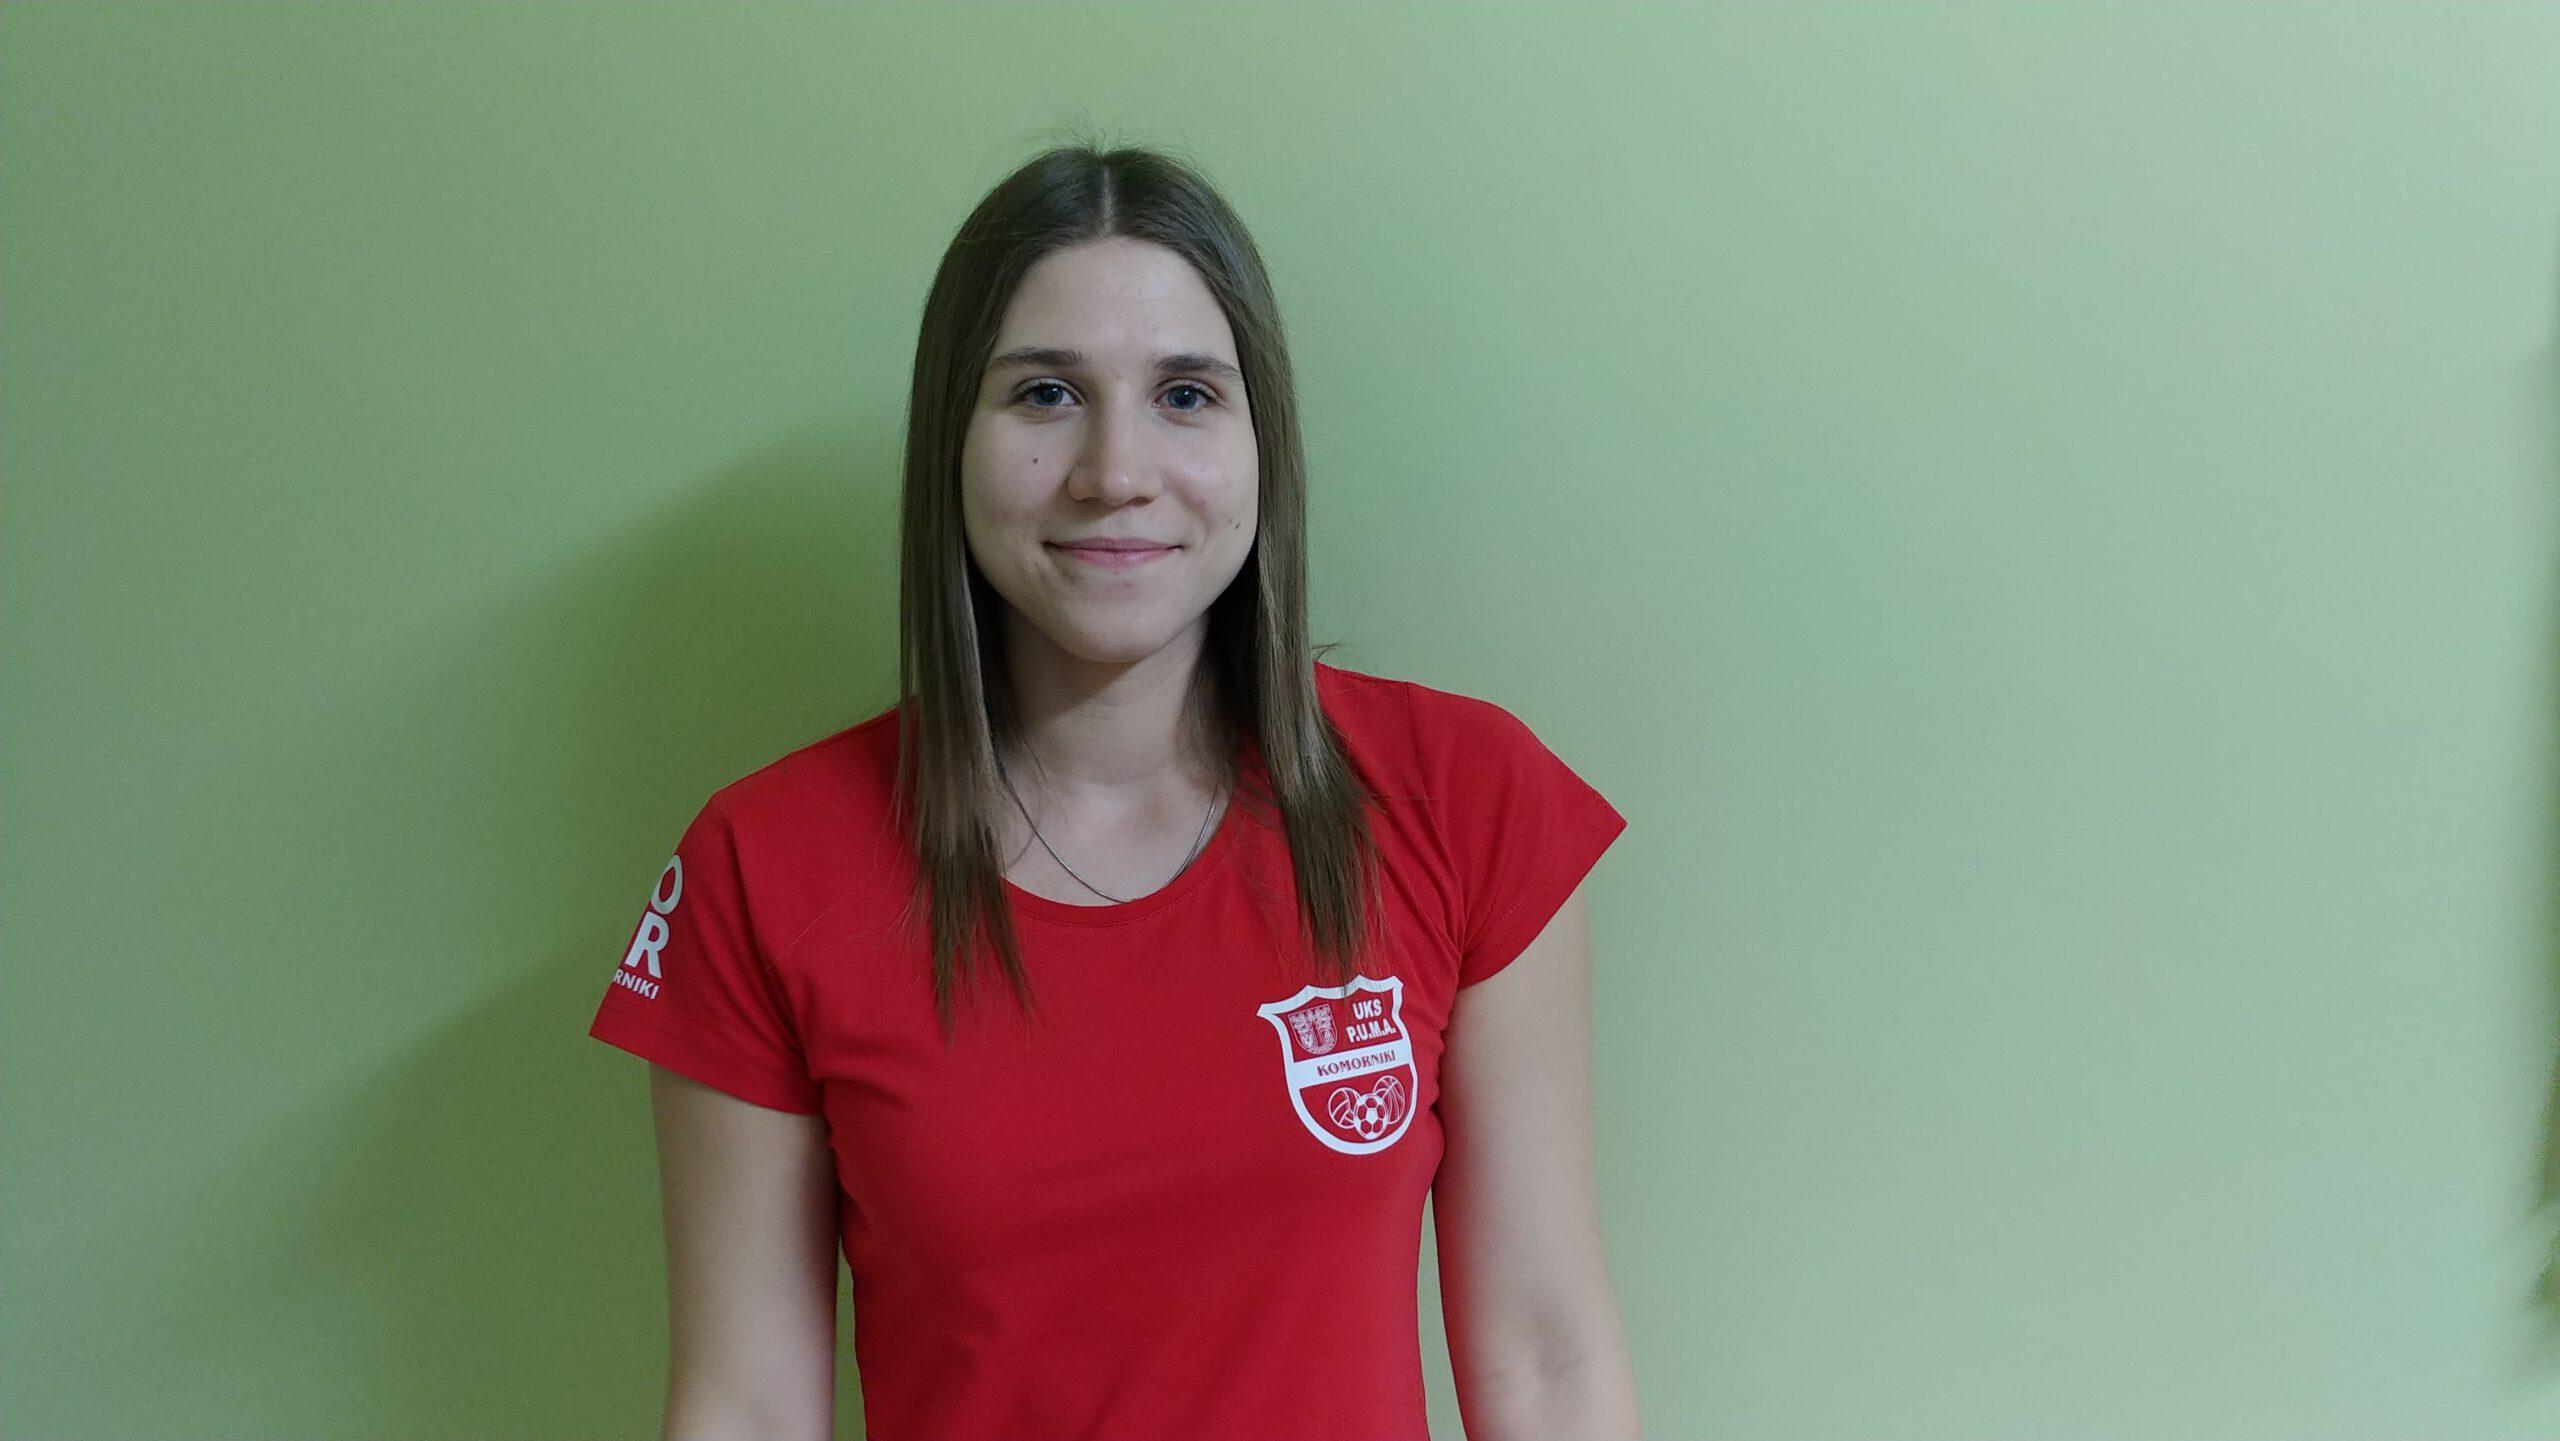 Natalia Modrzejewska